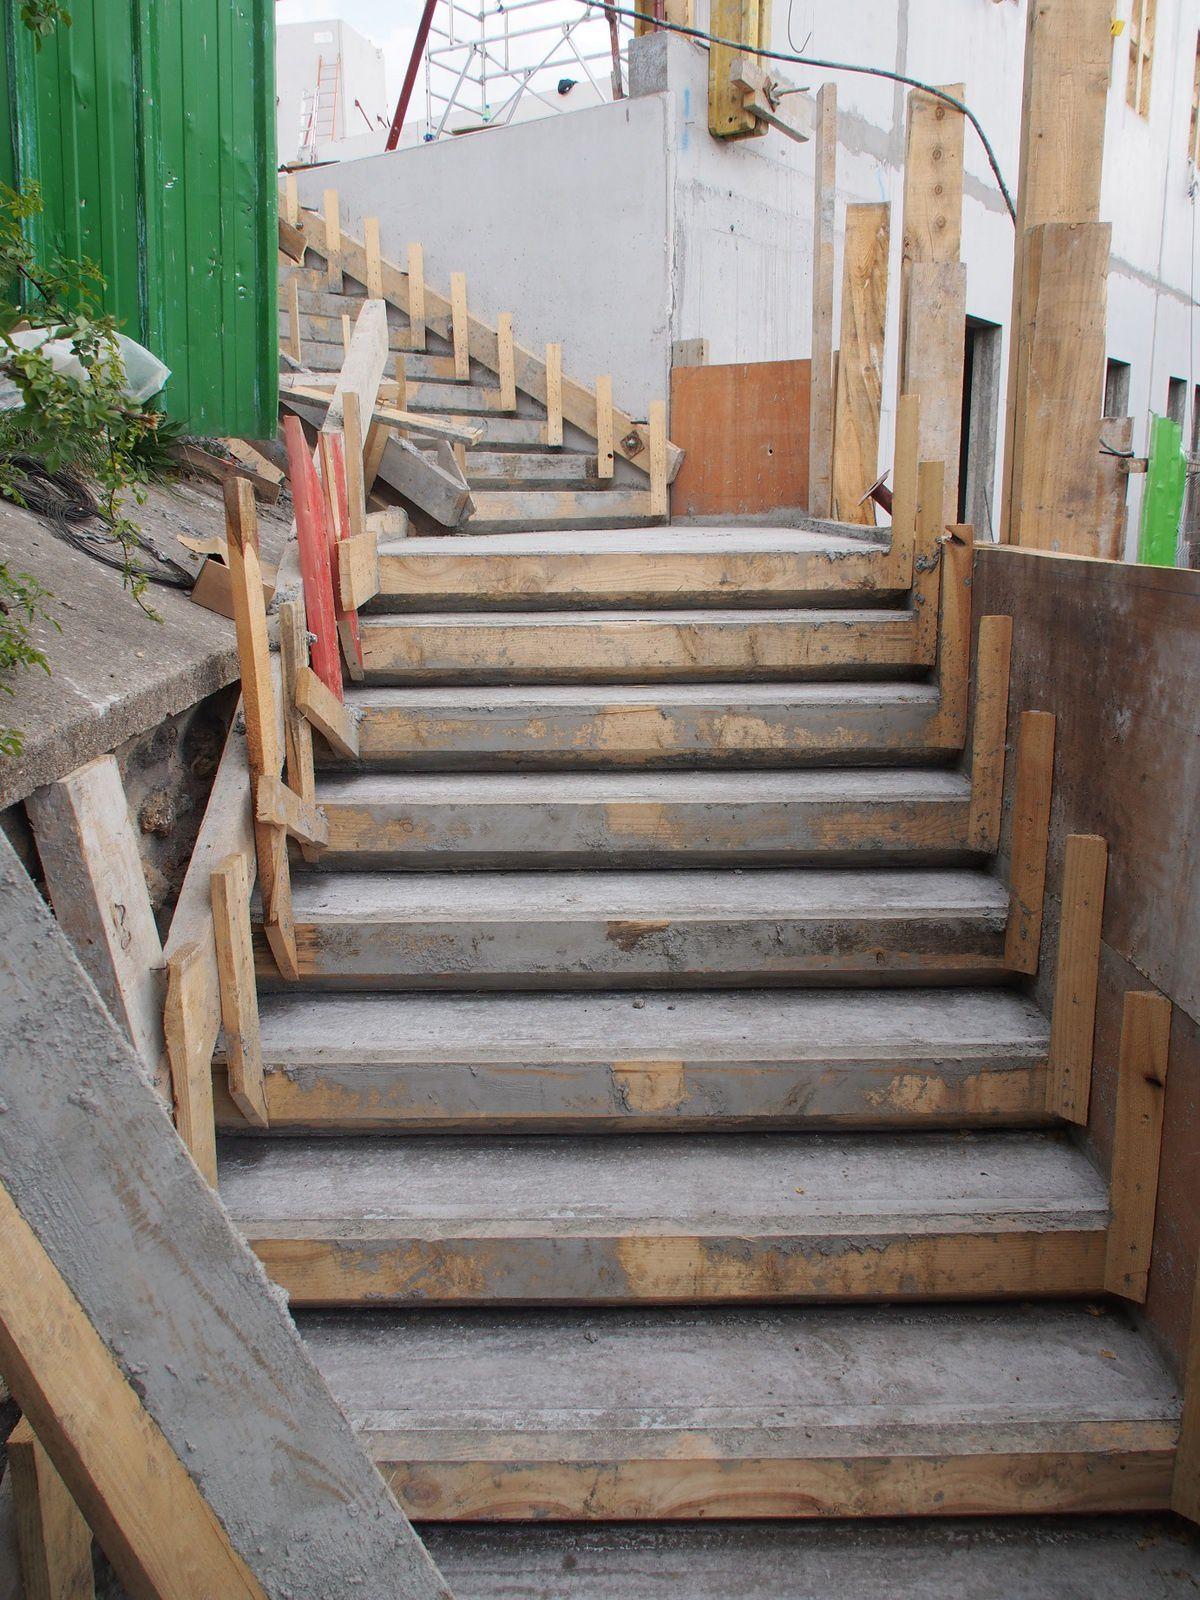 22 avril escalier ext rieur centre pastoral saint for Etancheite escalier exterieur